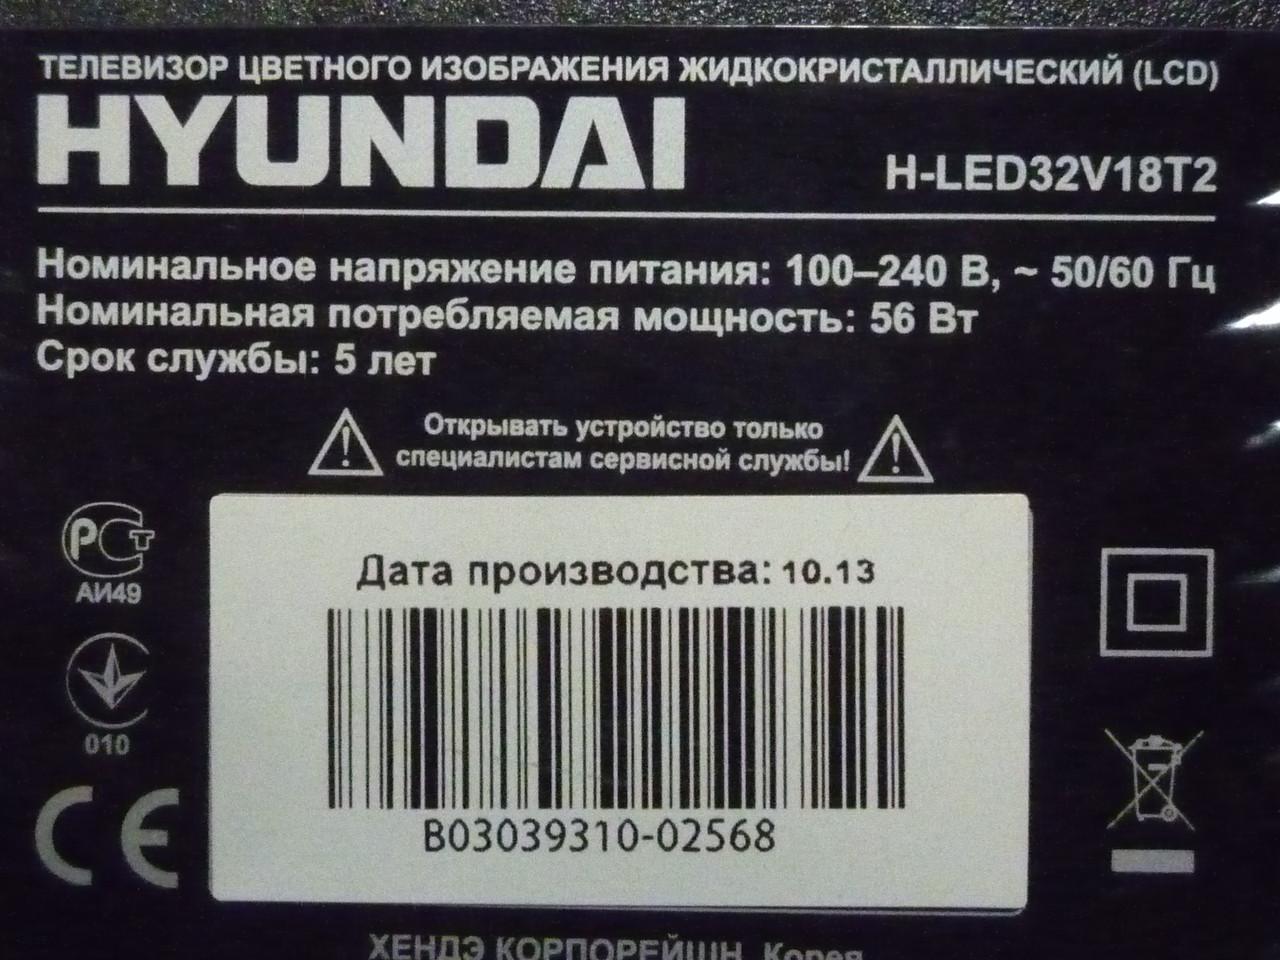 Платы от LED TV Hyundai H-LED32V18T2 поблочно (разбита матрица).